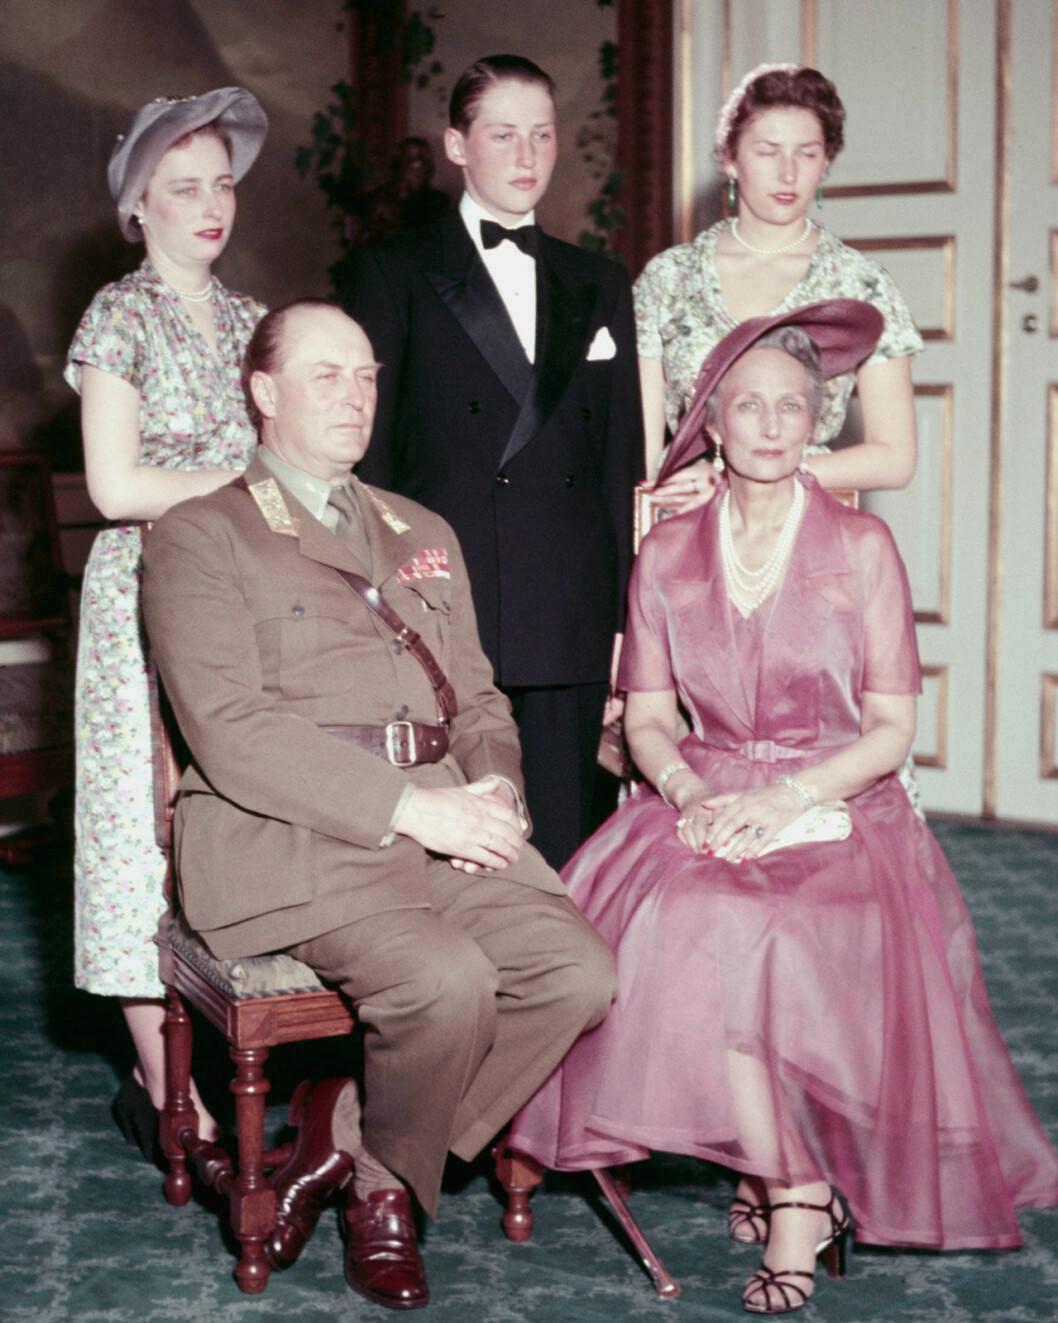 Kung Olav med sin familj: svenskfödda Märtha och barnen Haakon, Ragnhild och Astrid.